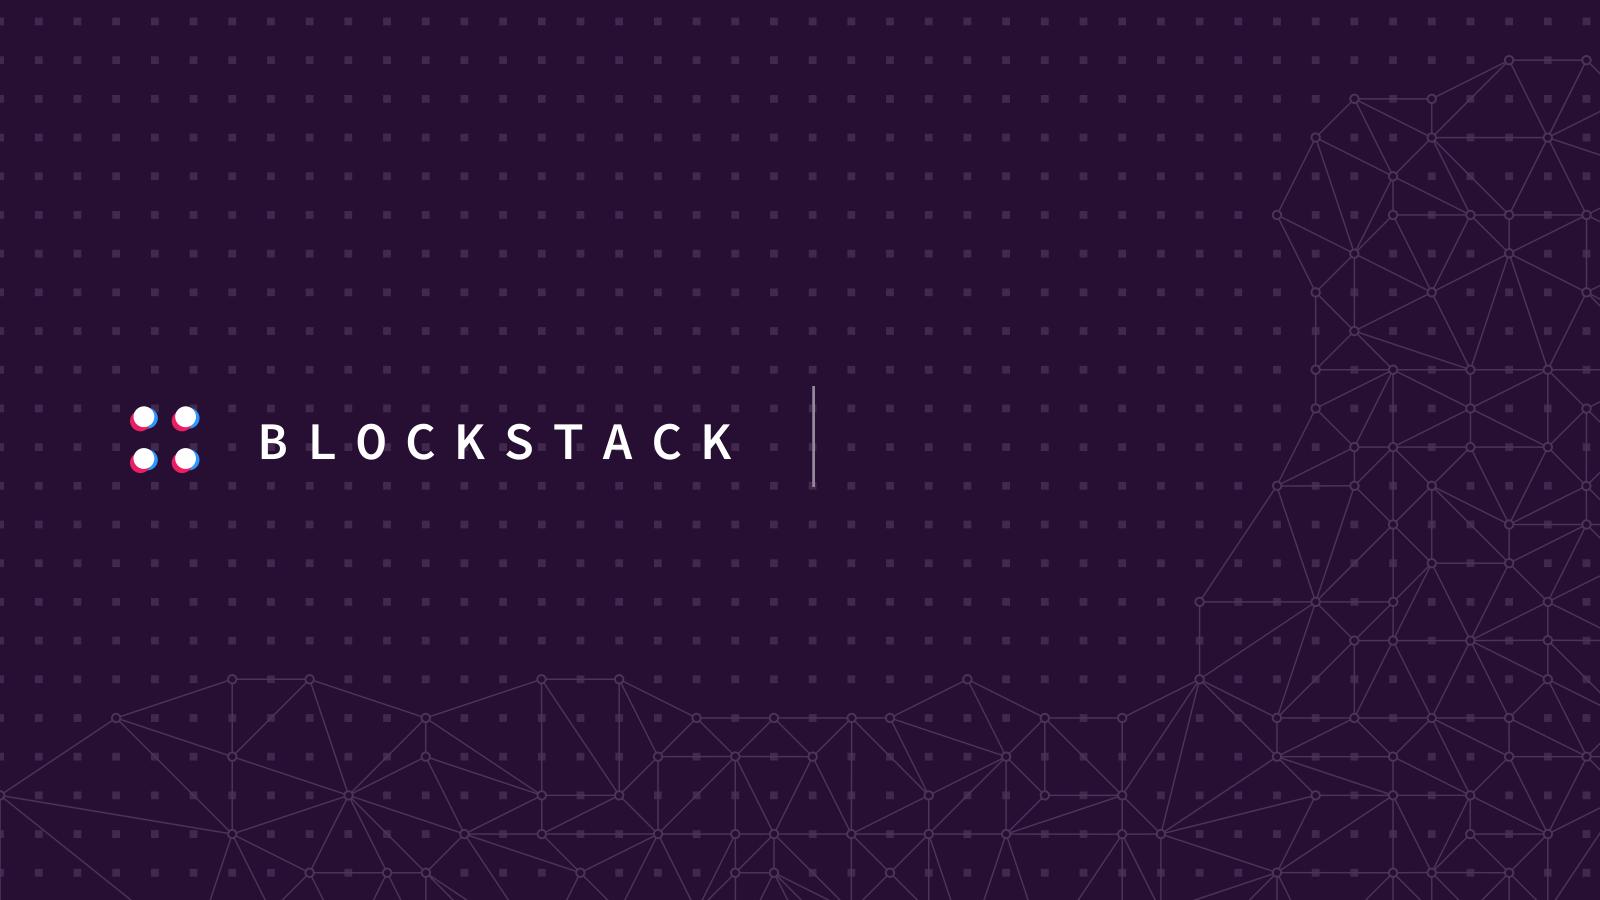 blockstack decentralize internet blockchain startup nyc